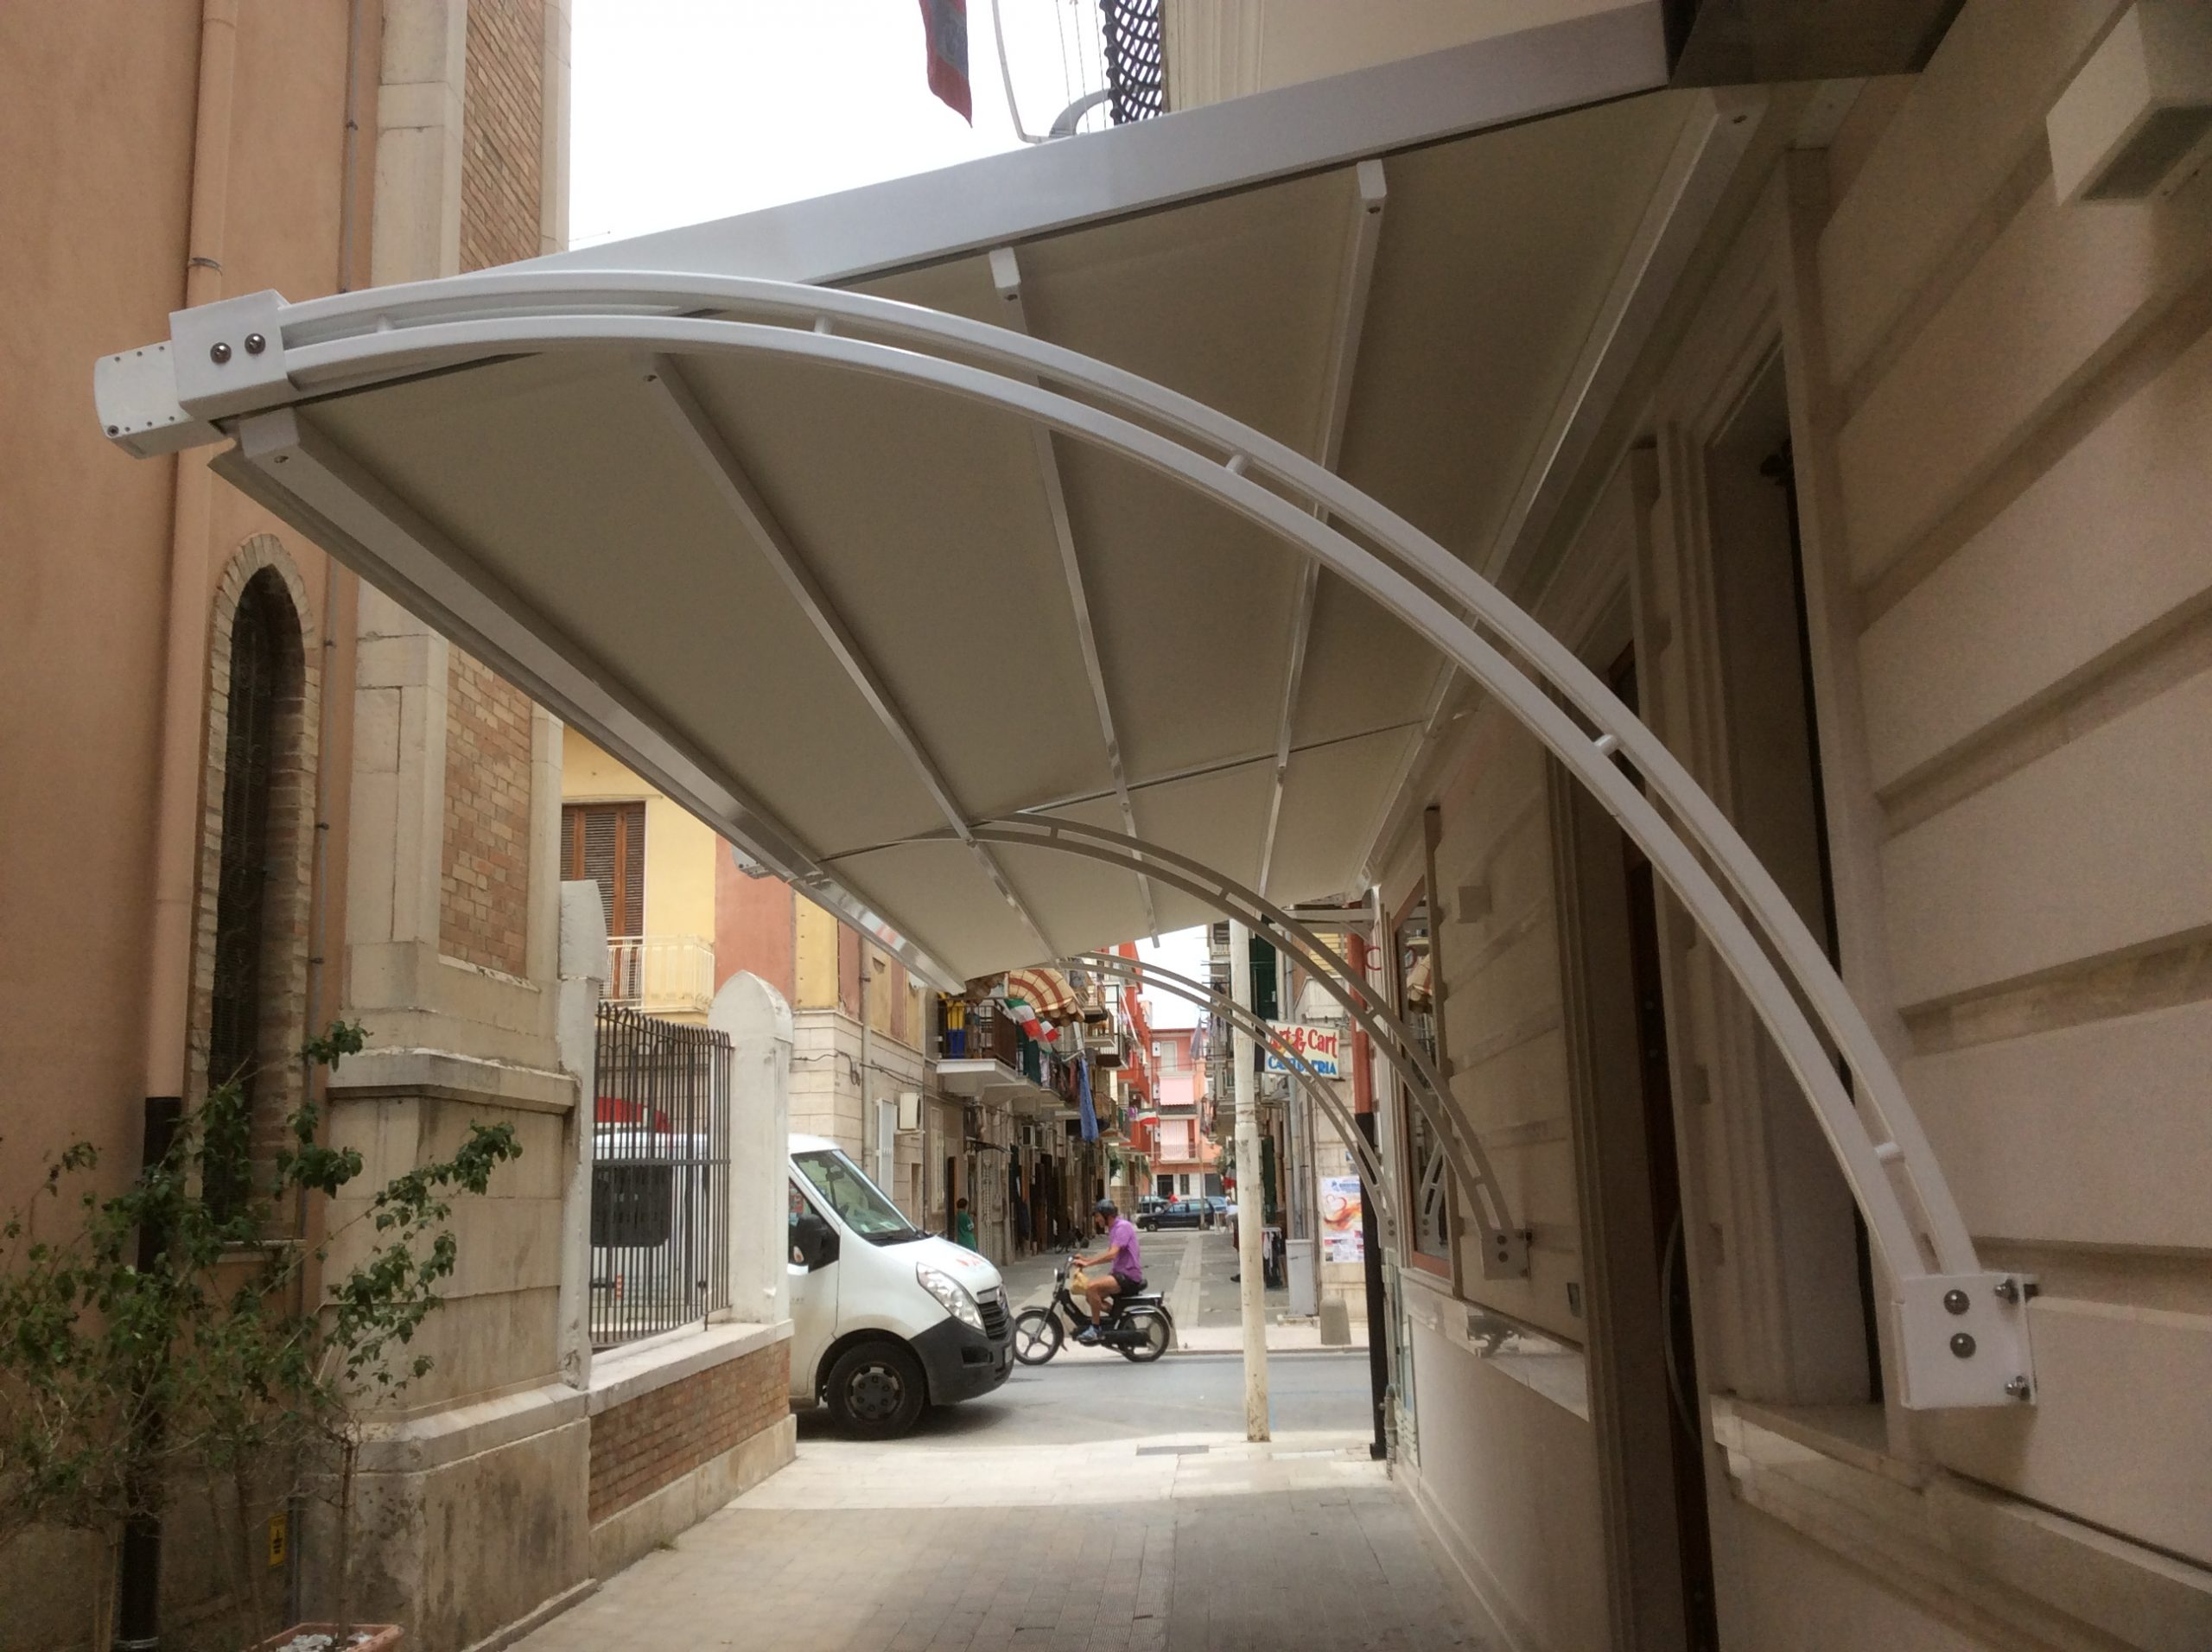 Vendita Tende Da Sole Parma tende da sole parma vendita e installazione - tendepassapartout